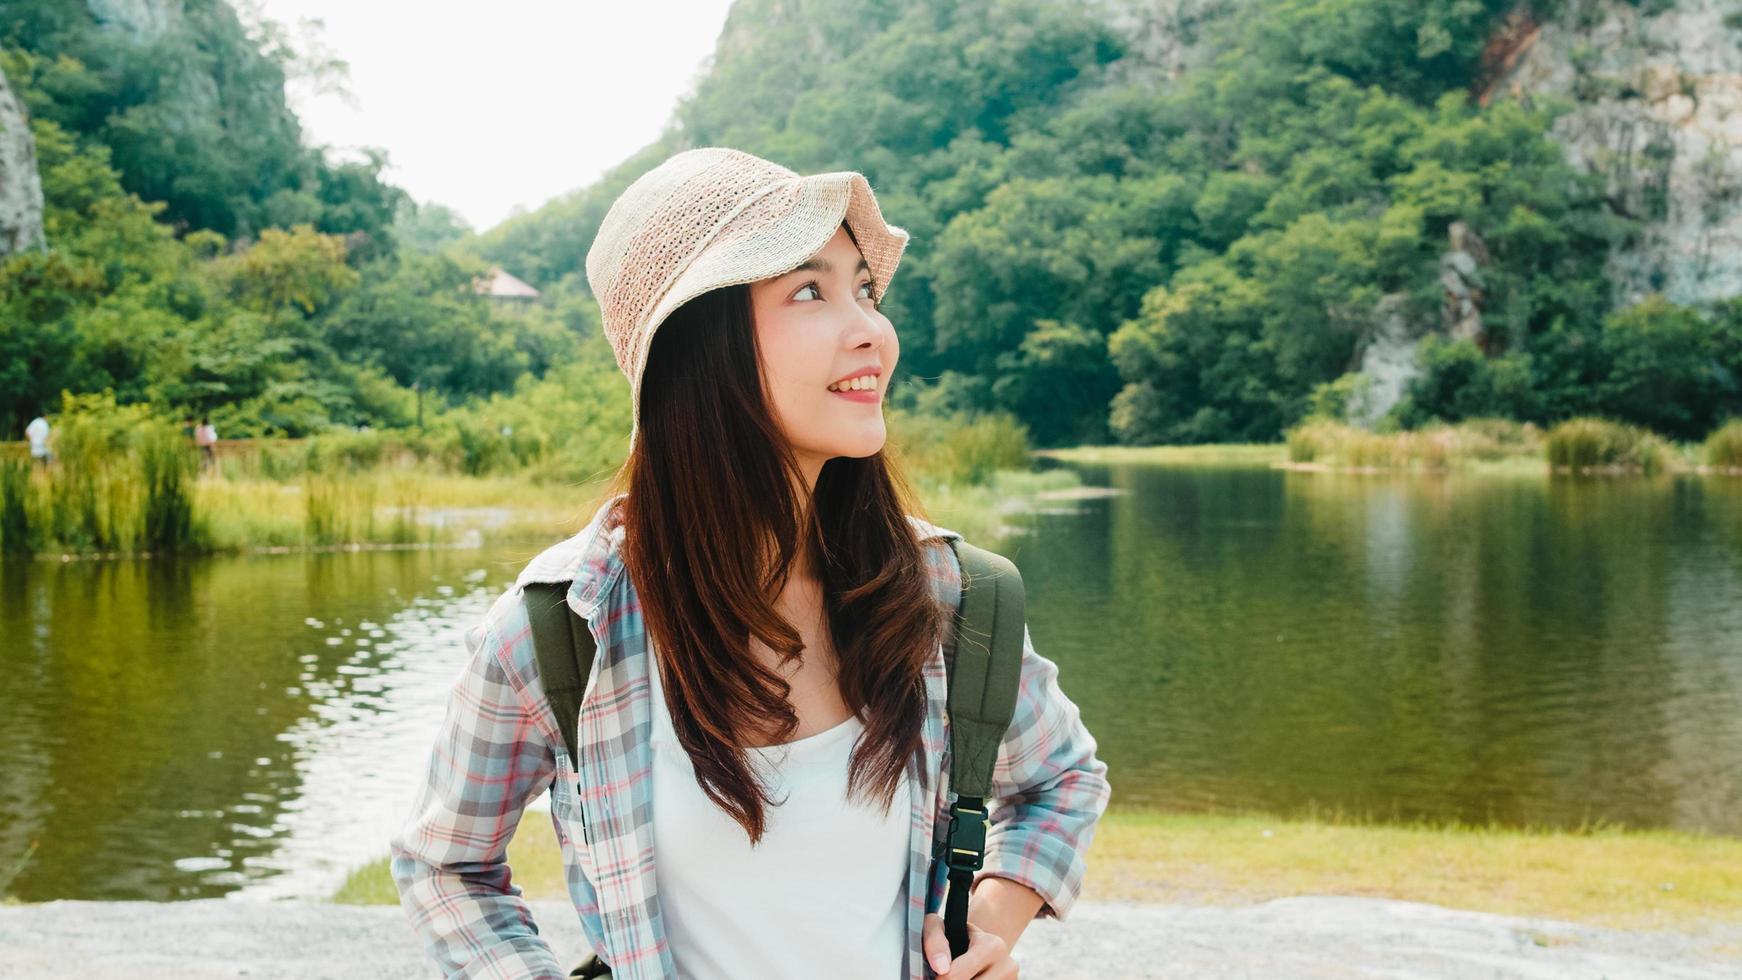 junger asiatischer Reisender mit Rucksack, der nahe Bergsee geht foto